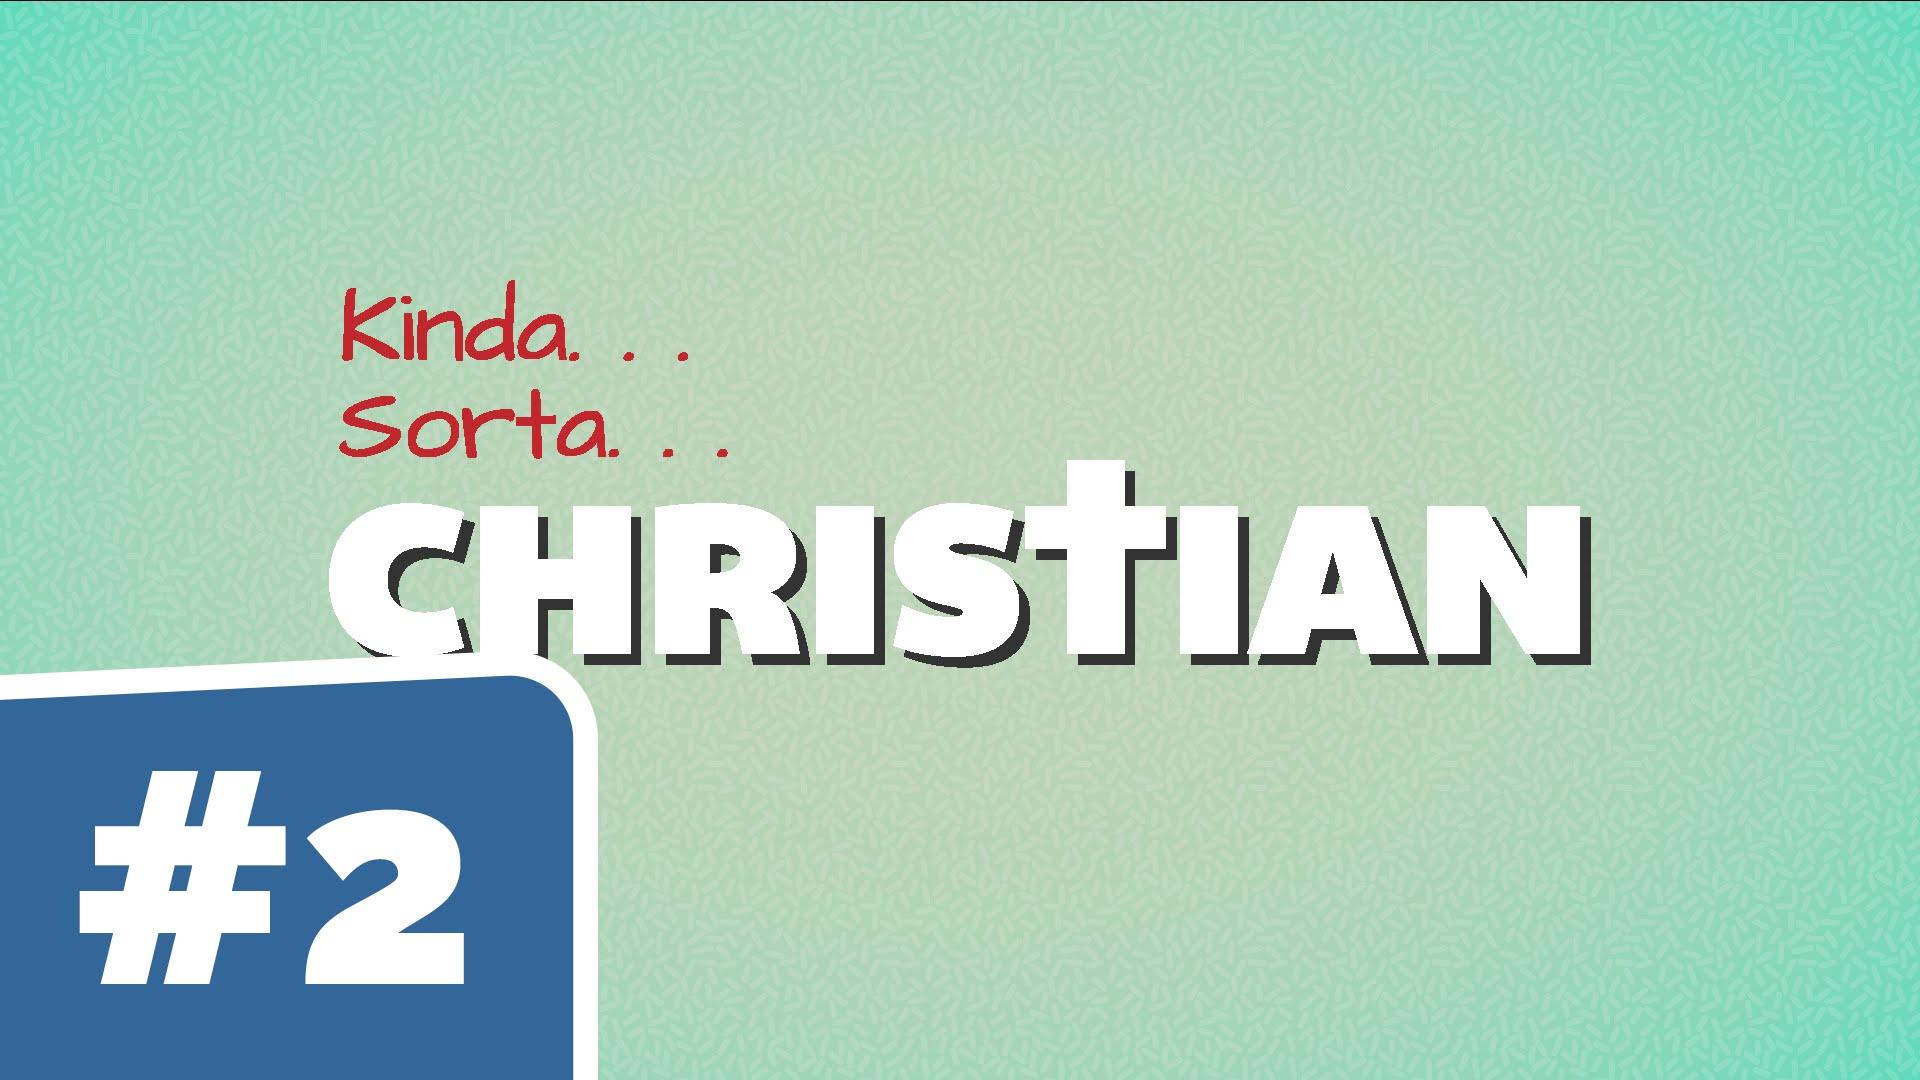 Kinda Sorta Christian: I Like God as Long as He Agrees with Me (Youth)